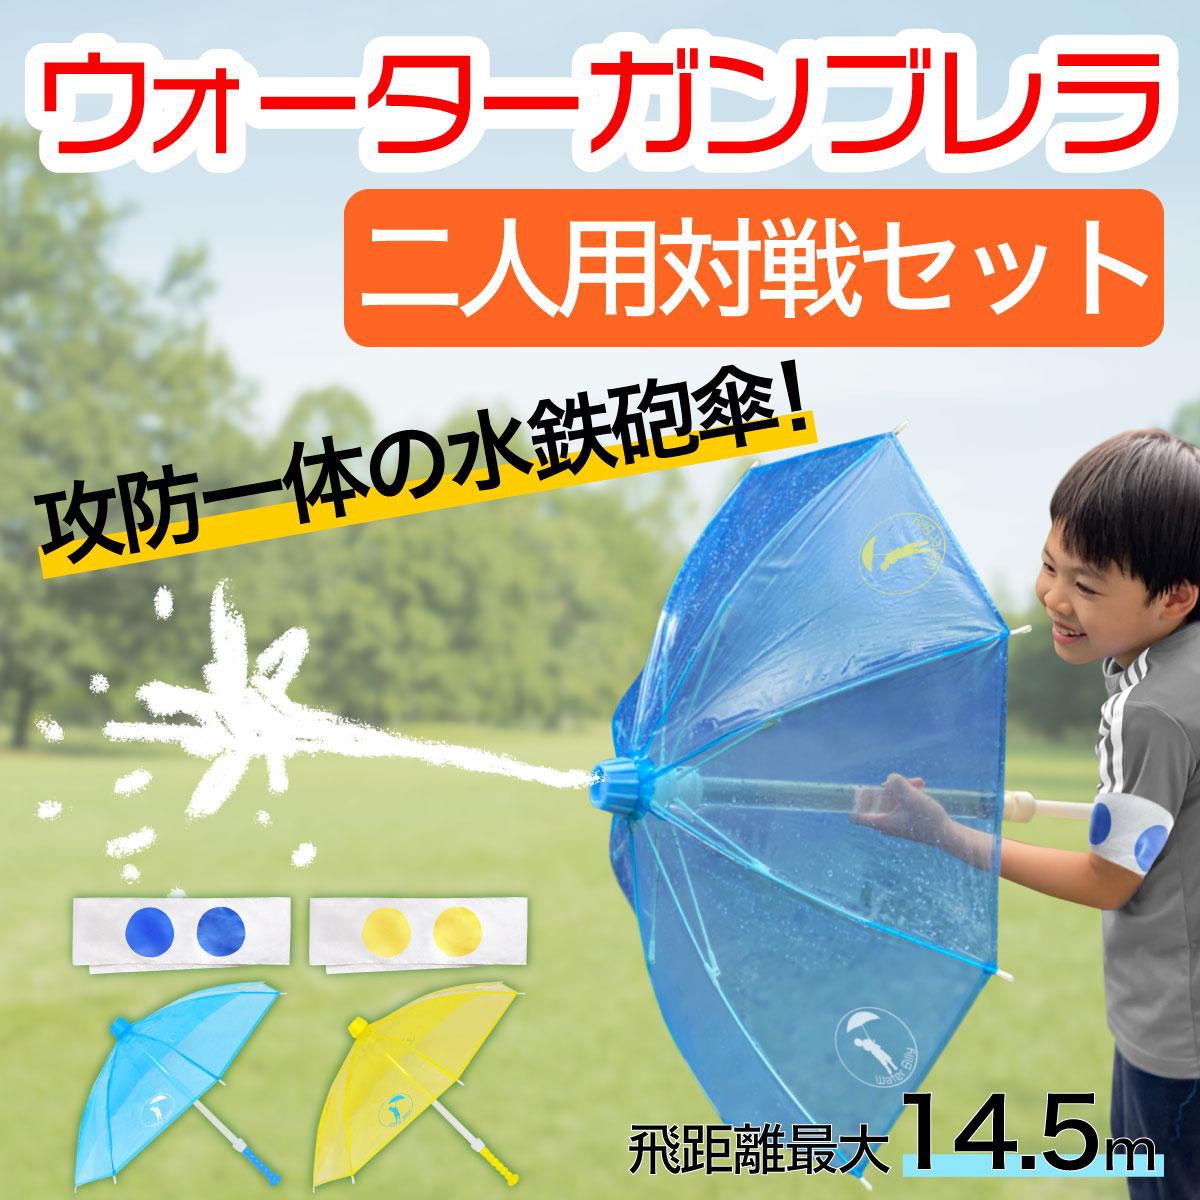 水鉄砲と傘が合体して攻防一体!水遊びが盛り上がる「ウォーターガンブレラ 対戦セット」のモニター募集!